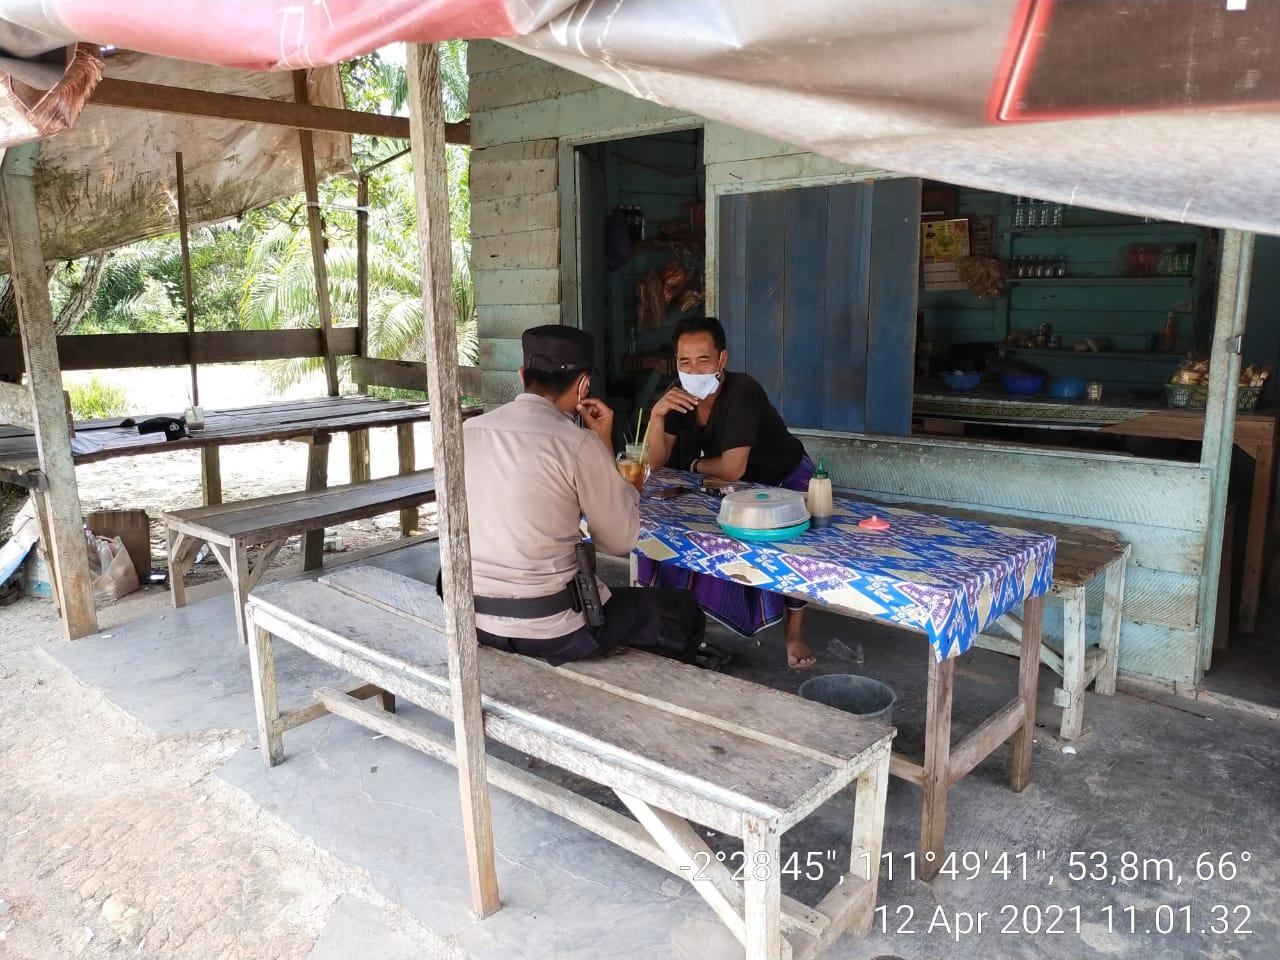 Anggota Melaksanakan Sambang Sekaligus Terapkan Prokes Demi Pencegahan Covid-19